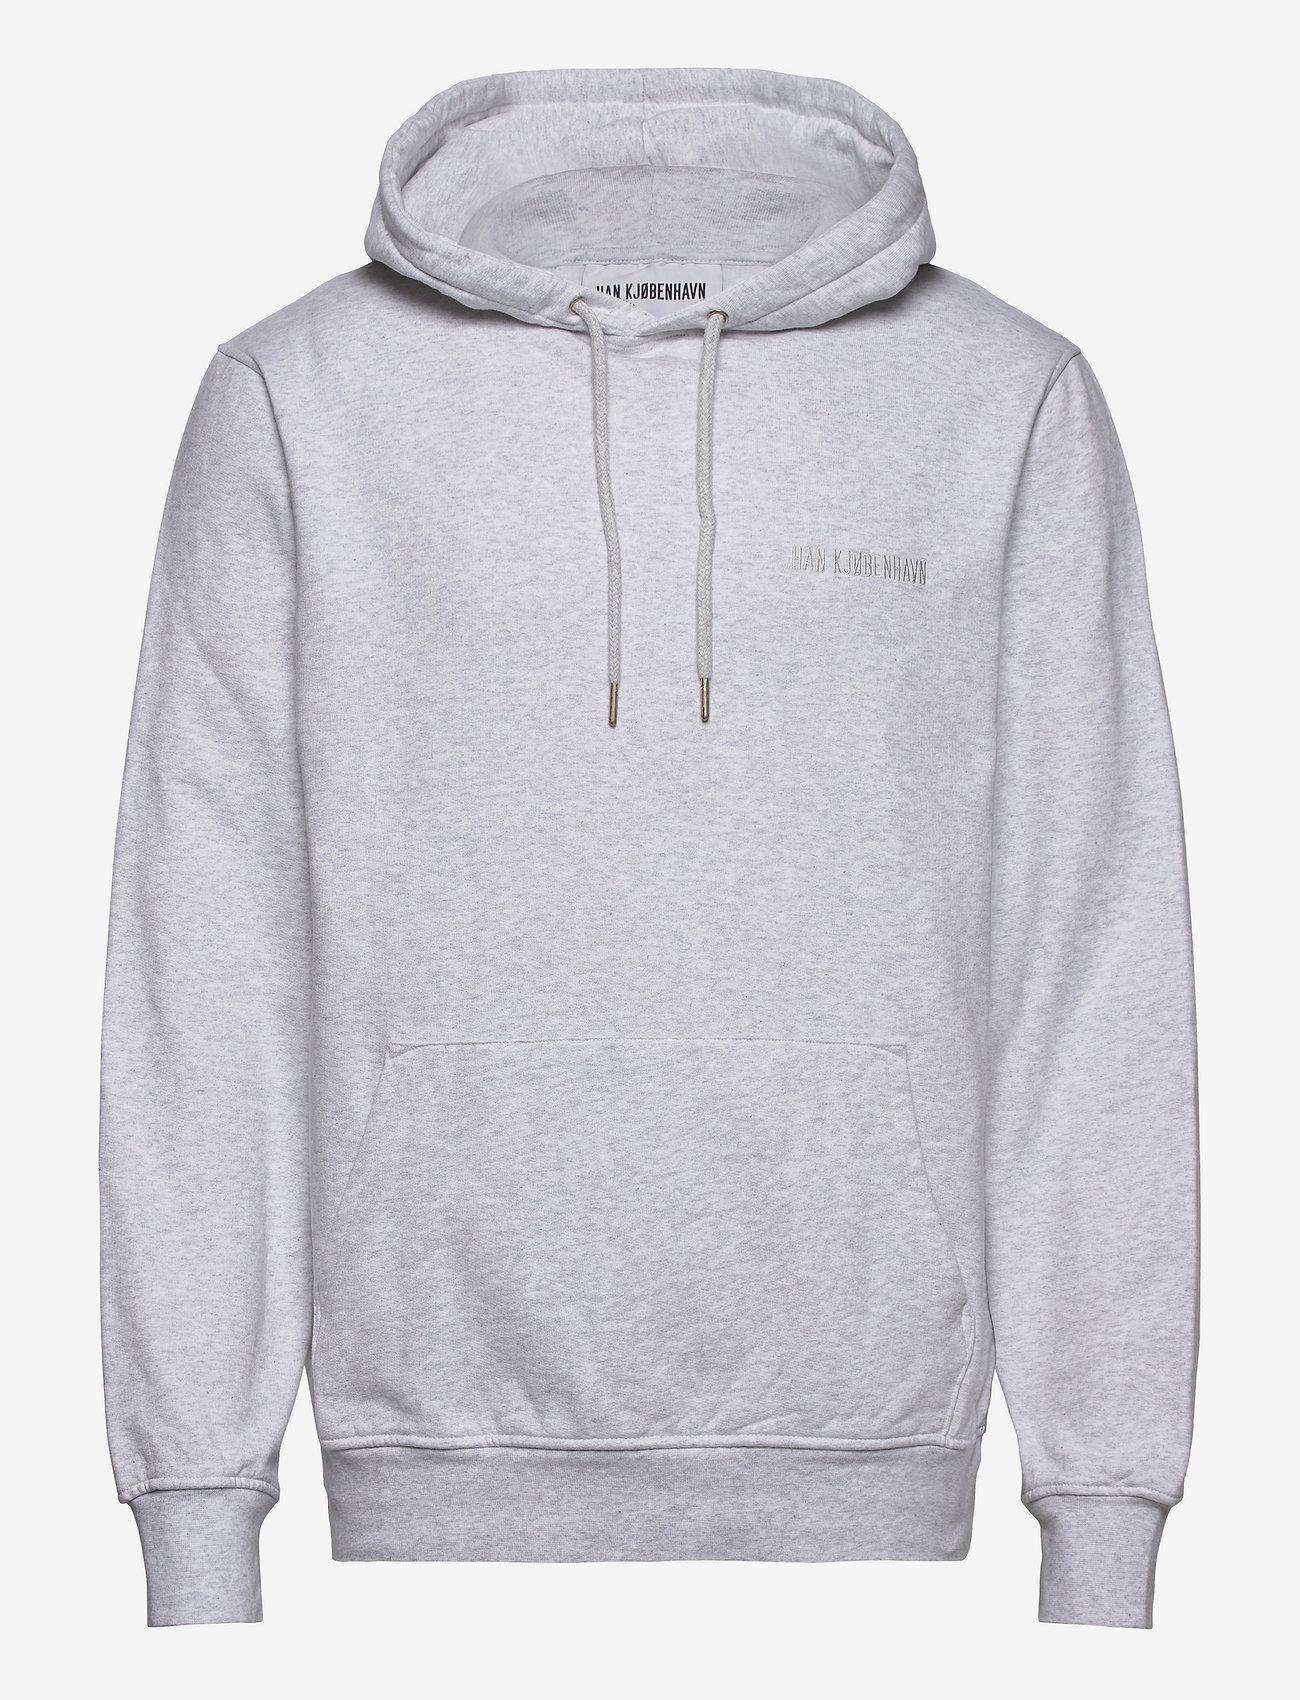 HAN Kjøbenhavn - Casual Hoodie - hoodies - light grey melange logo - 0